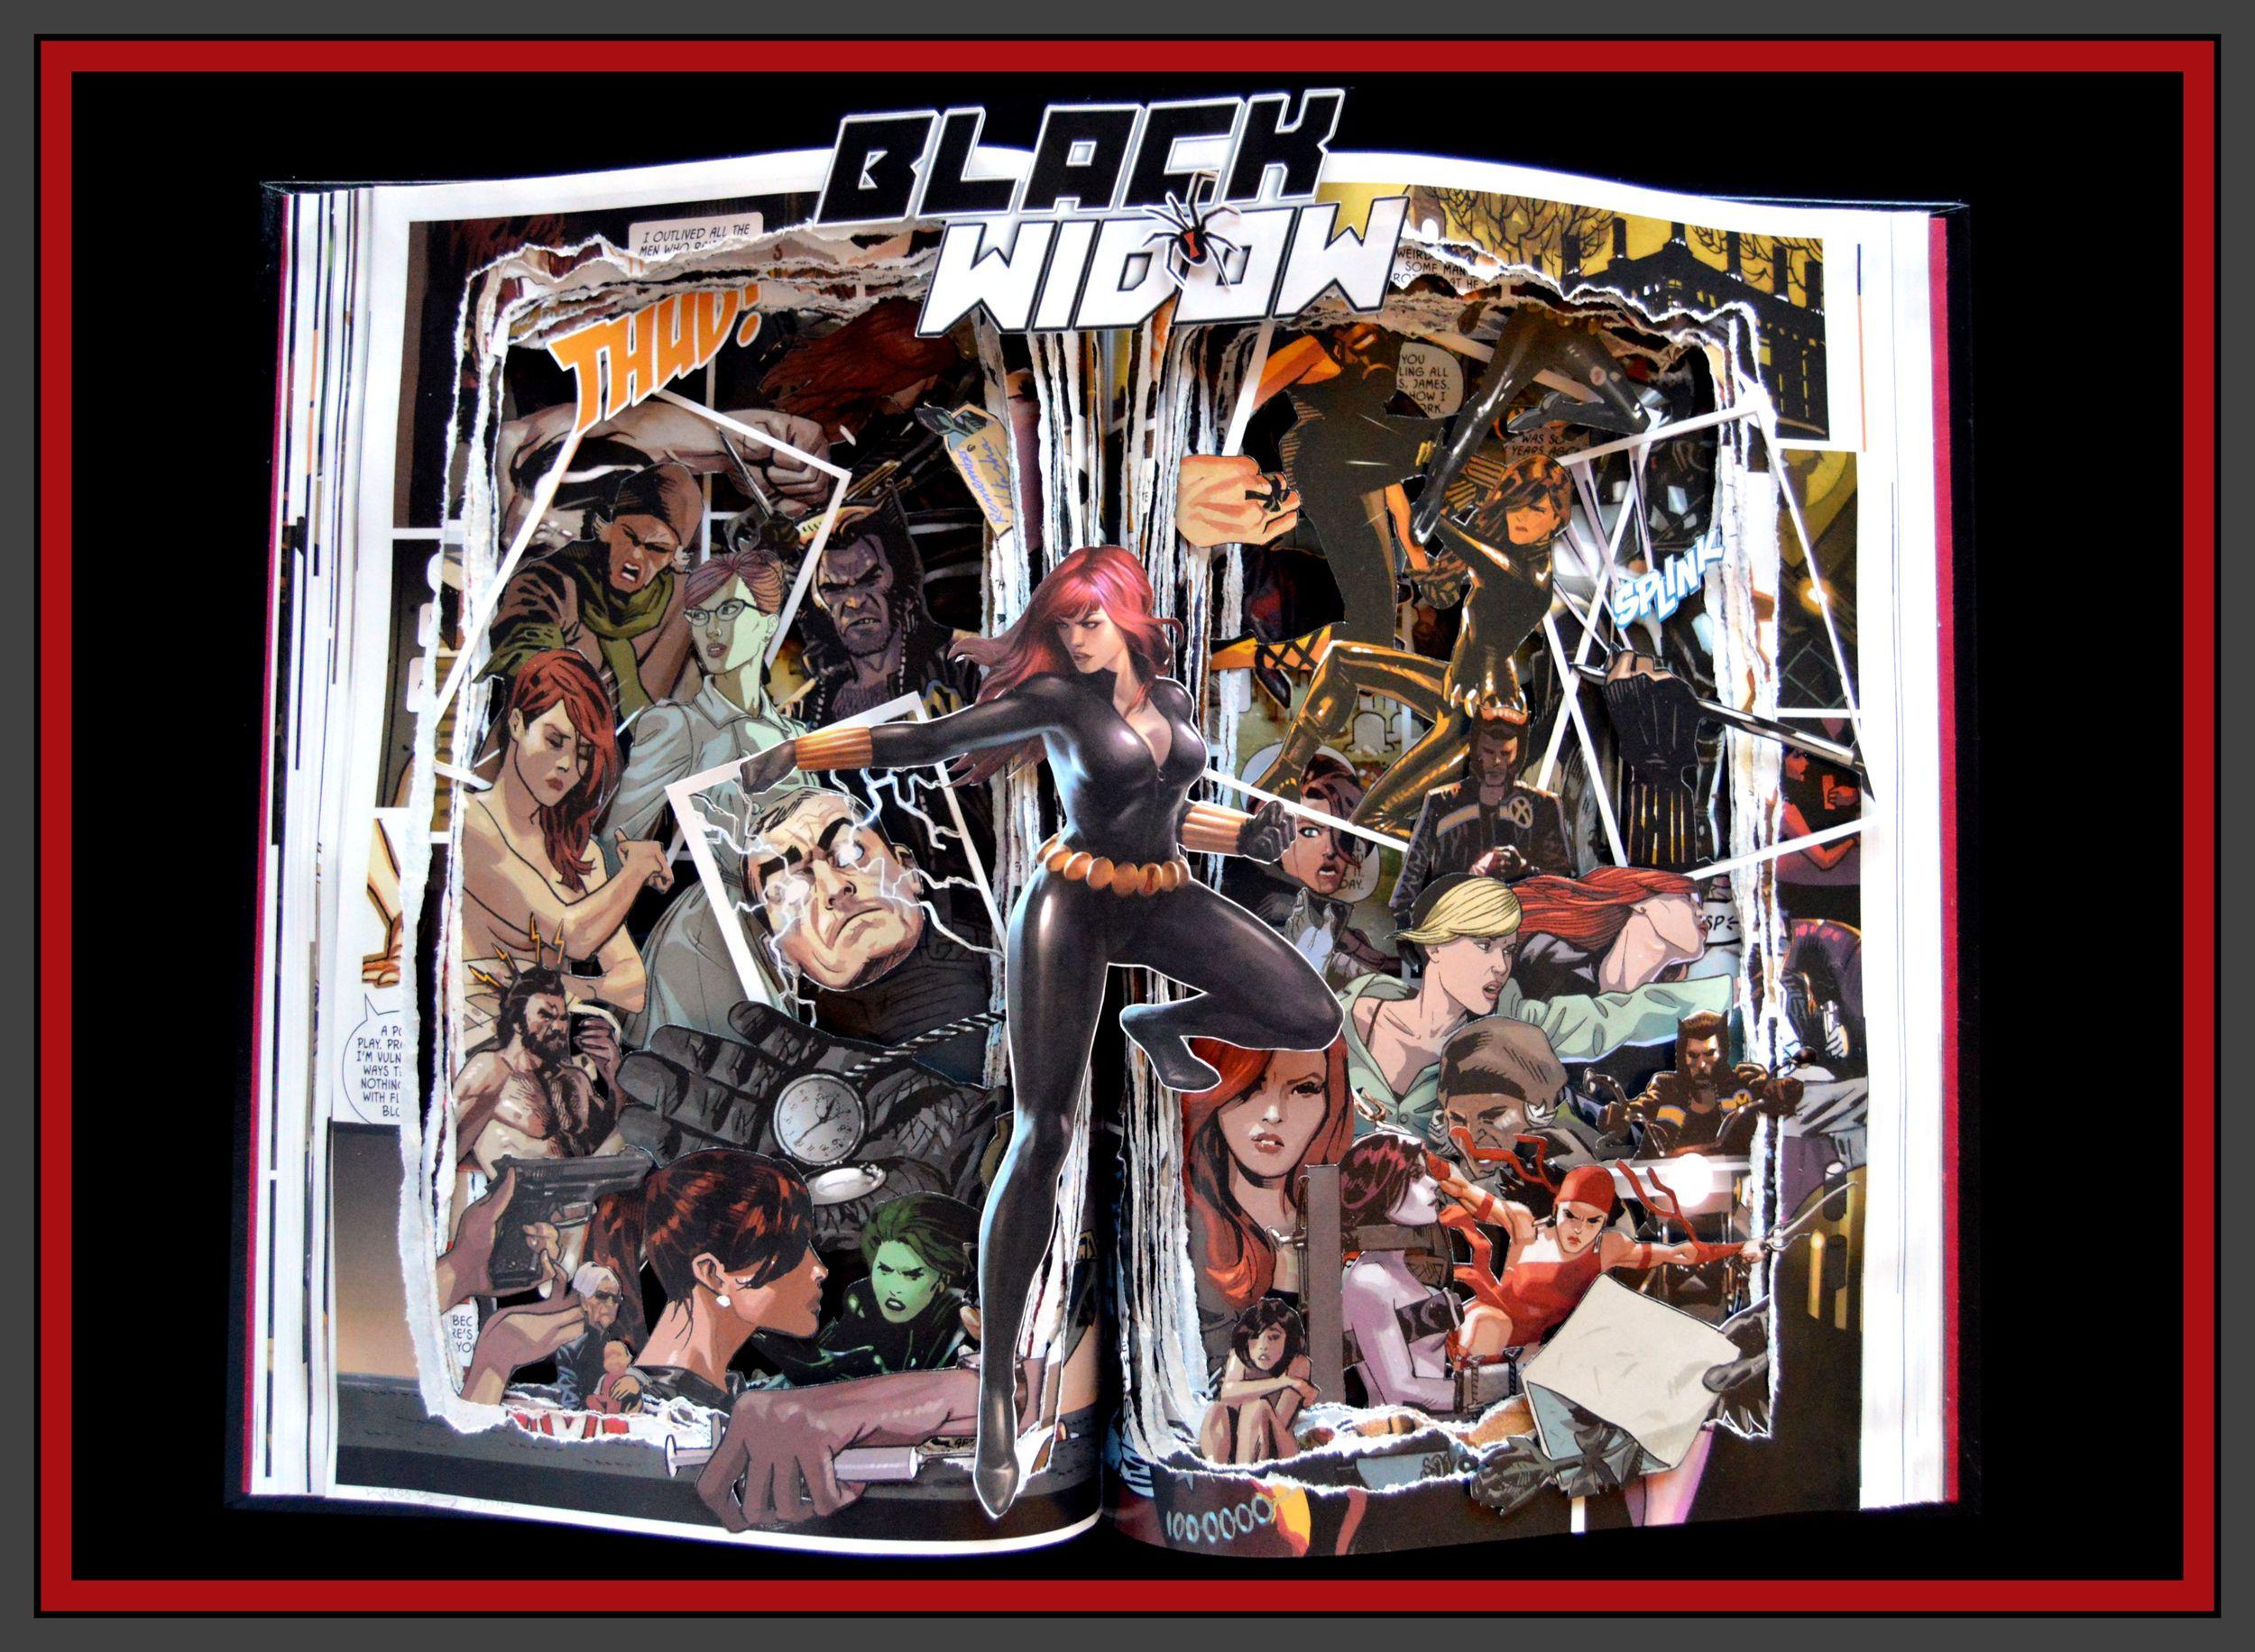 Black Widow Graphic Novel Book Sculpture - 12x16x3